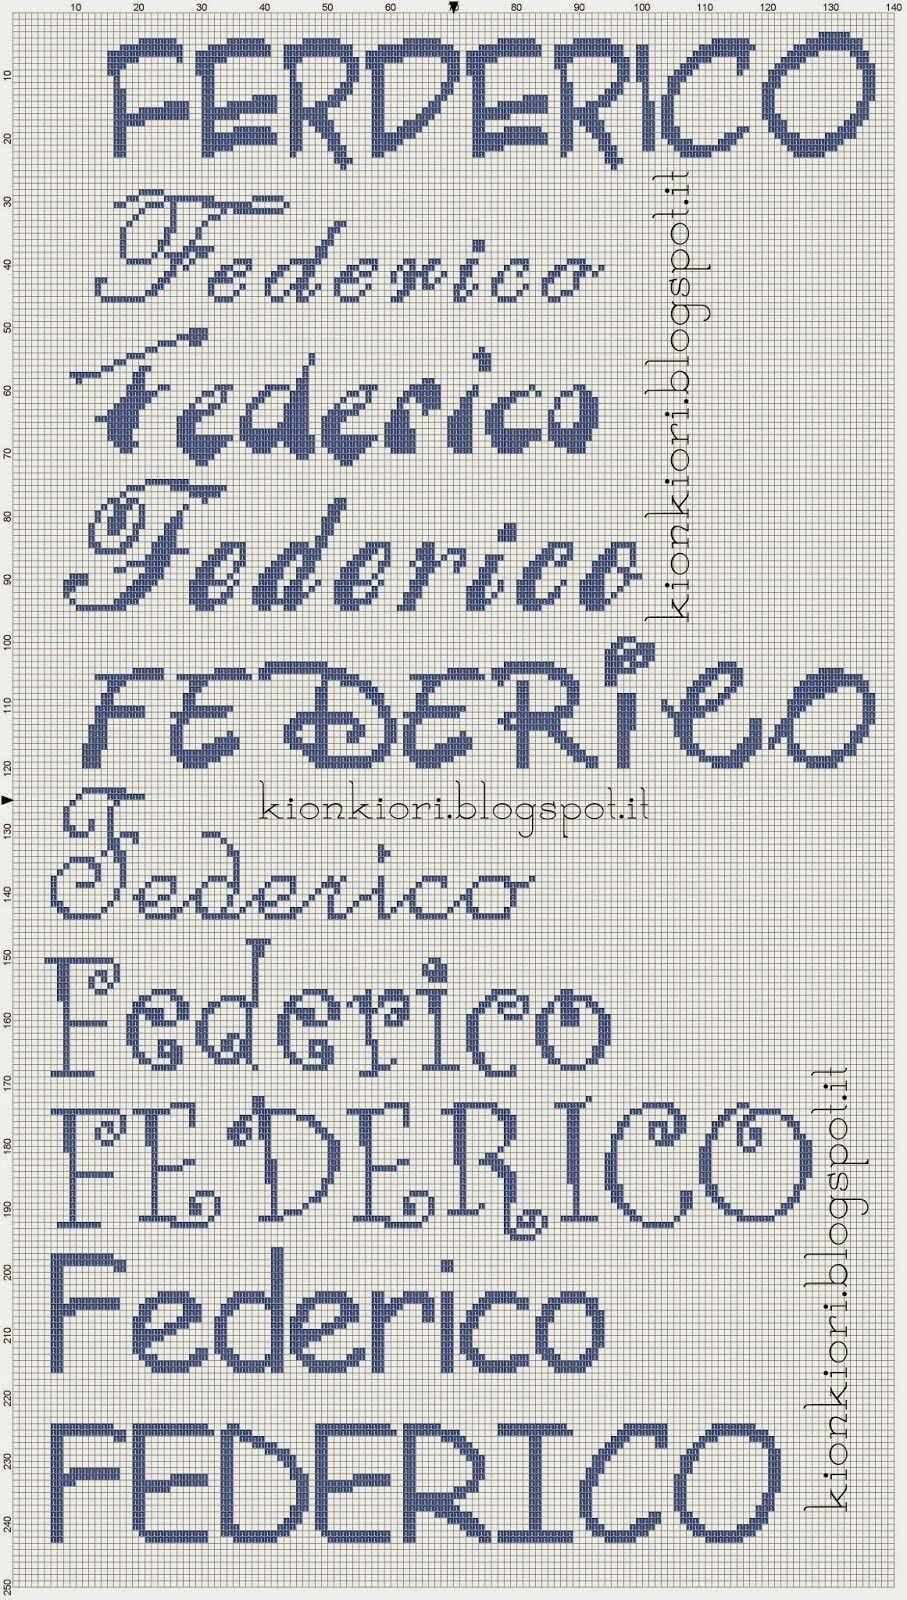 Federico punto croce punto croce lettere punto croce for Alfabeto punto croce grande